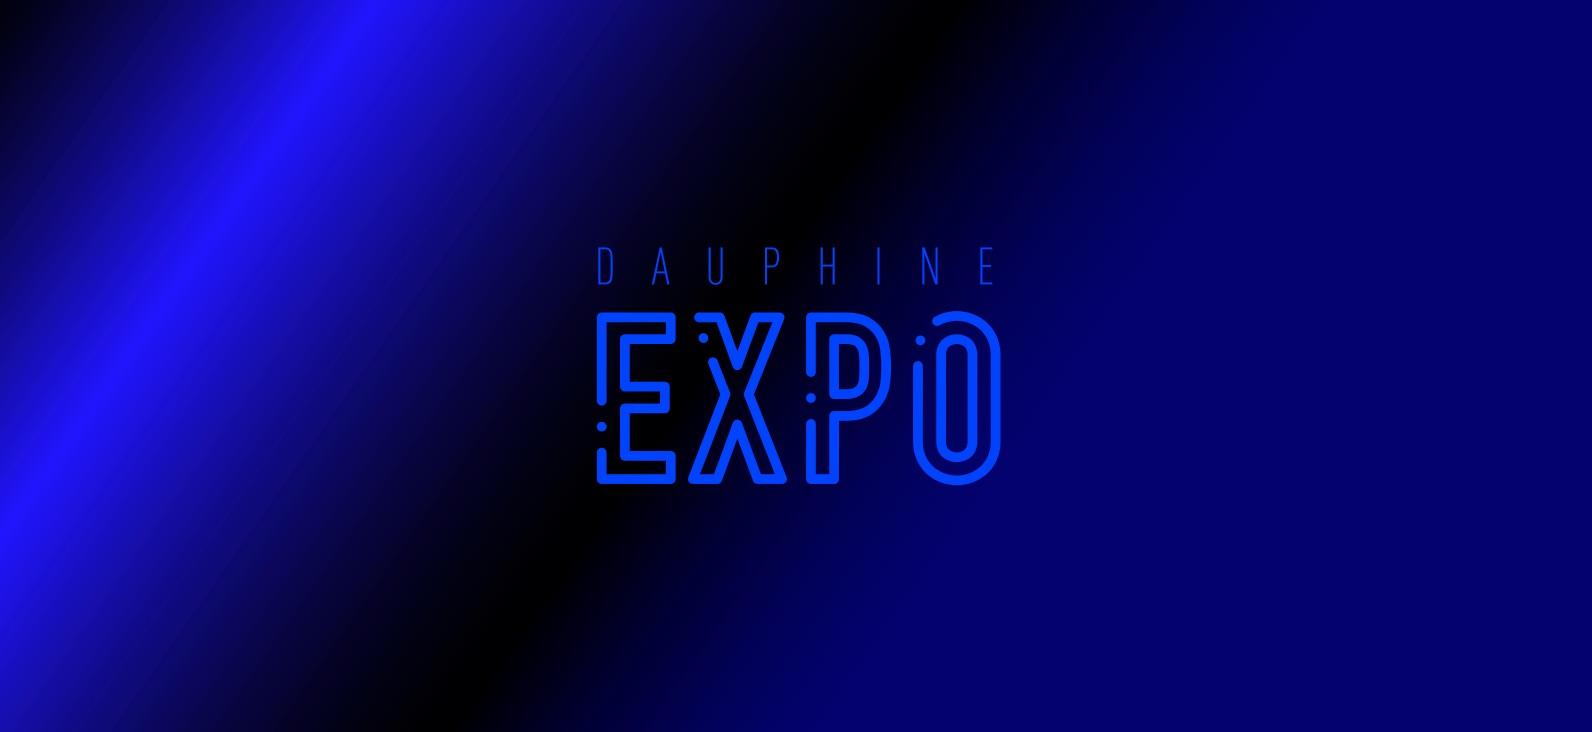 Retour sur la Dauphine Expo